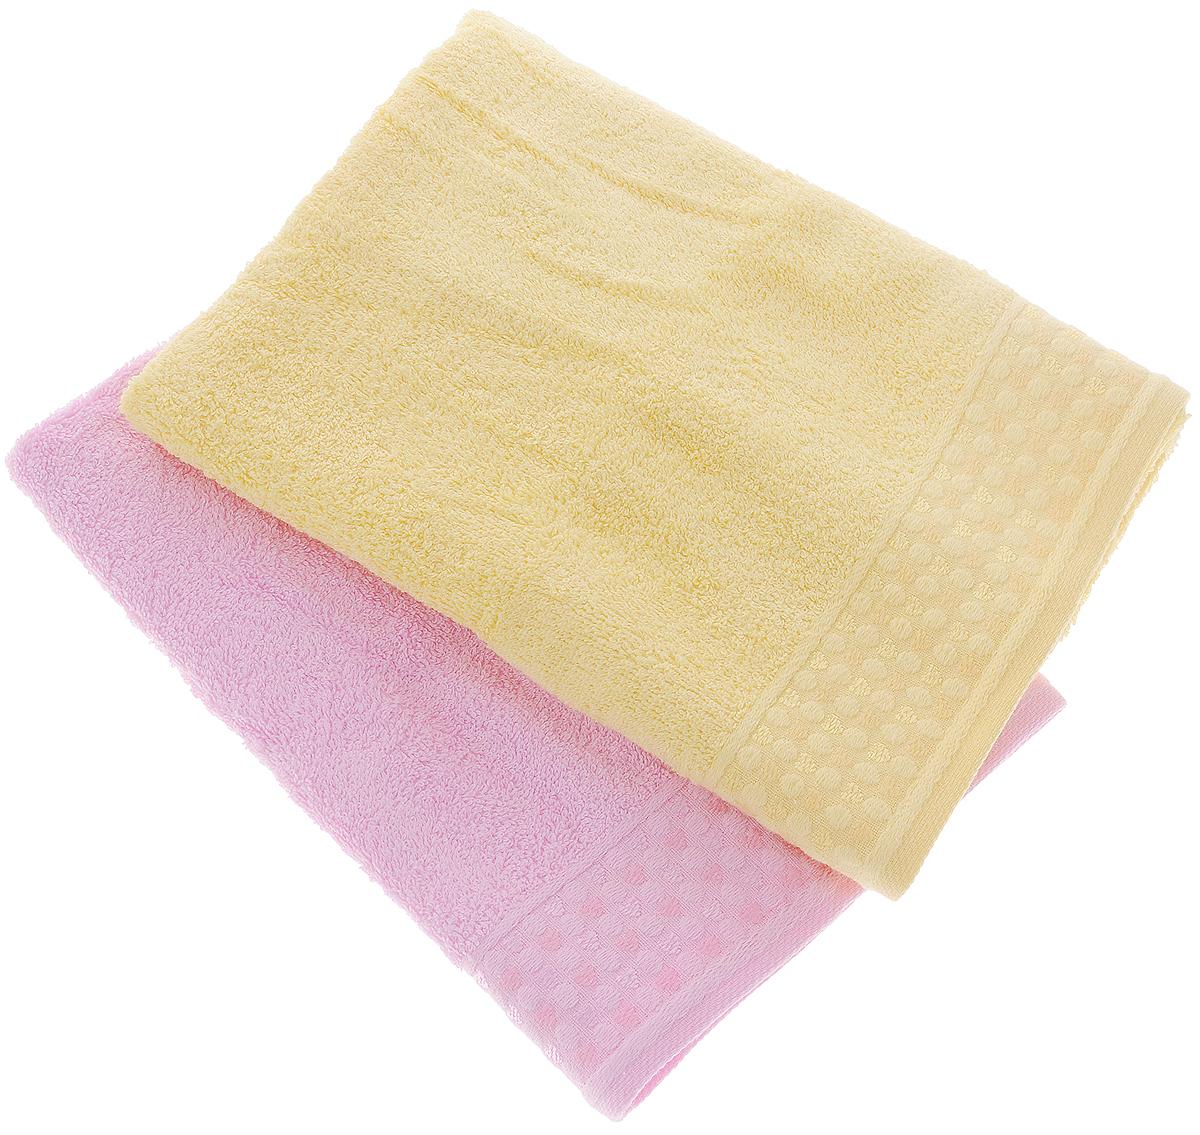 Набор полотенец Tete-a-Tete Сердечки, цвет: розовый, желтый, 50 х 90 см, 2 штУНП-107-05-2кНабор Tete-a-Tete Сердечки состоит из двух махровых полотенец, выполненных из натурального 100% хлопка. Бордюр полотенец декорирован рисунком сердечек. Изделия мягкие, отлично впитывают влагу, быстро сохнут, сохраняют яркость цвета и не теряют форму даже после многократных стирок.Полотенца Tete-a-Tete Сердечки очень практичны и неприхотливы в уходе. Они легко впишутся в любой интерьер благодаря своей нежной цветовой гамме. Набор упакован в красивую коробку и может послужить отличной идеей для подарка. Размер полотенец: 50 х 90 см.